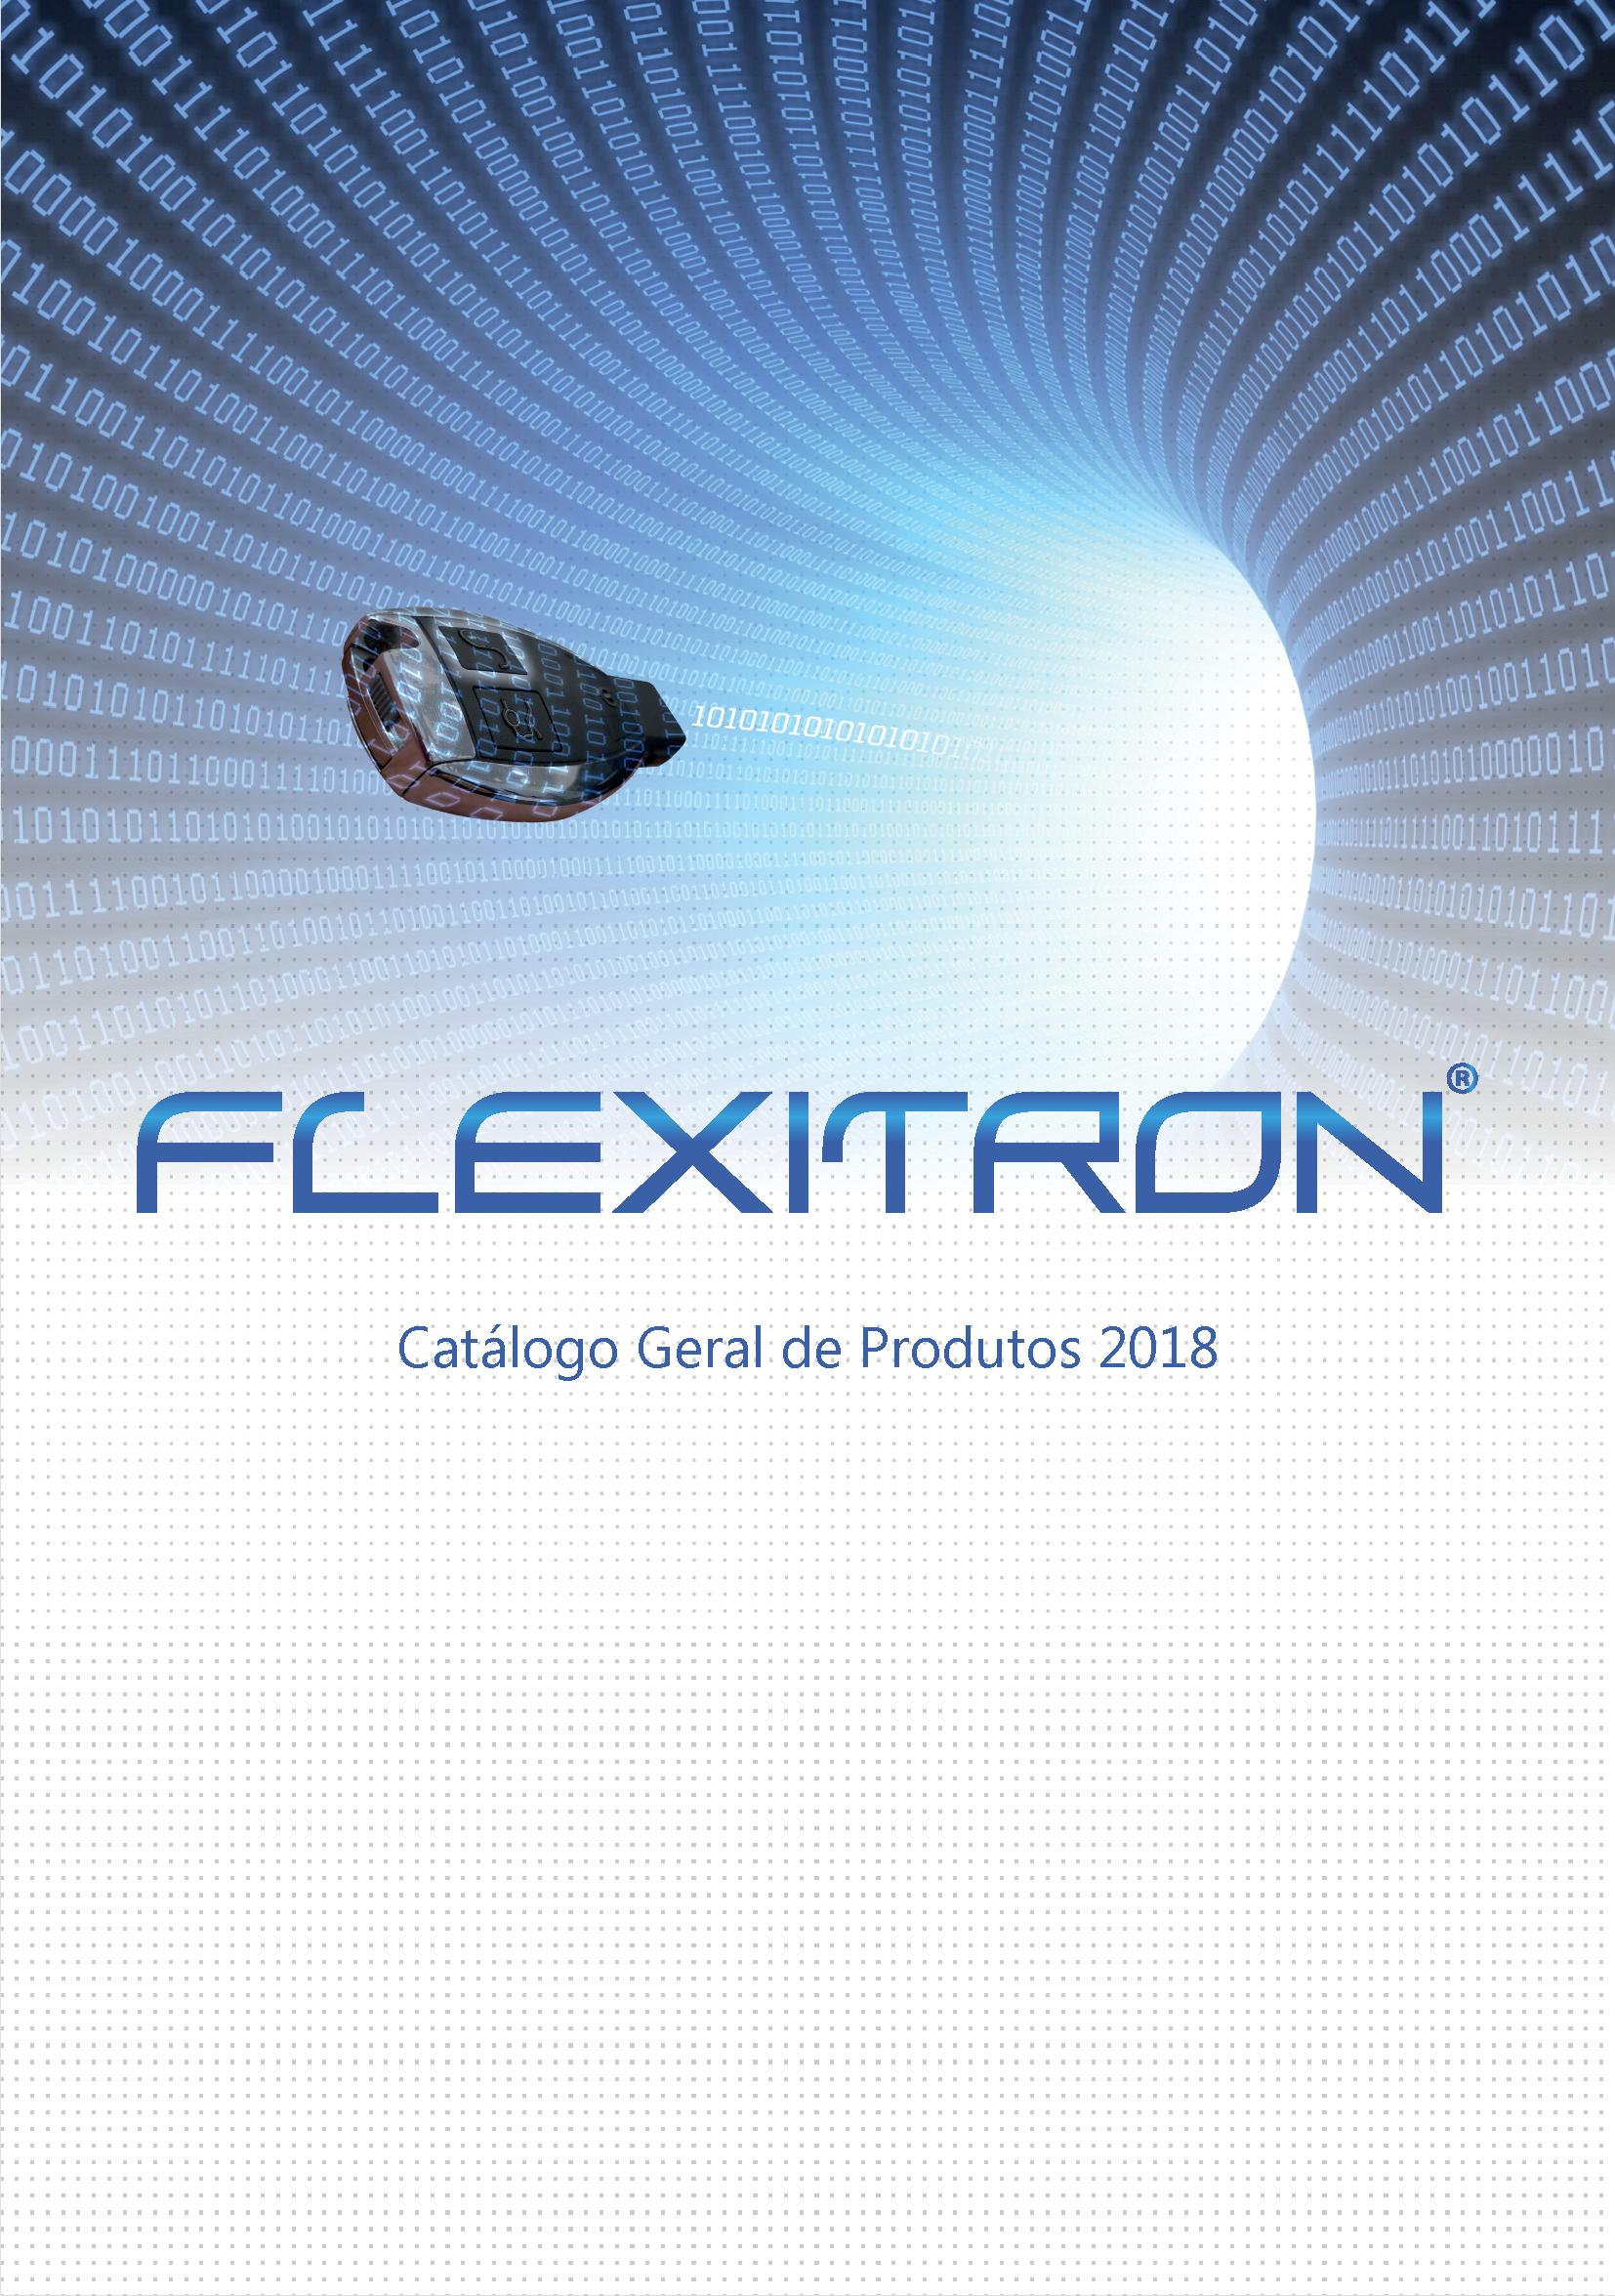 Catálogo Flexitron®